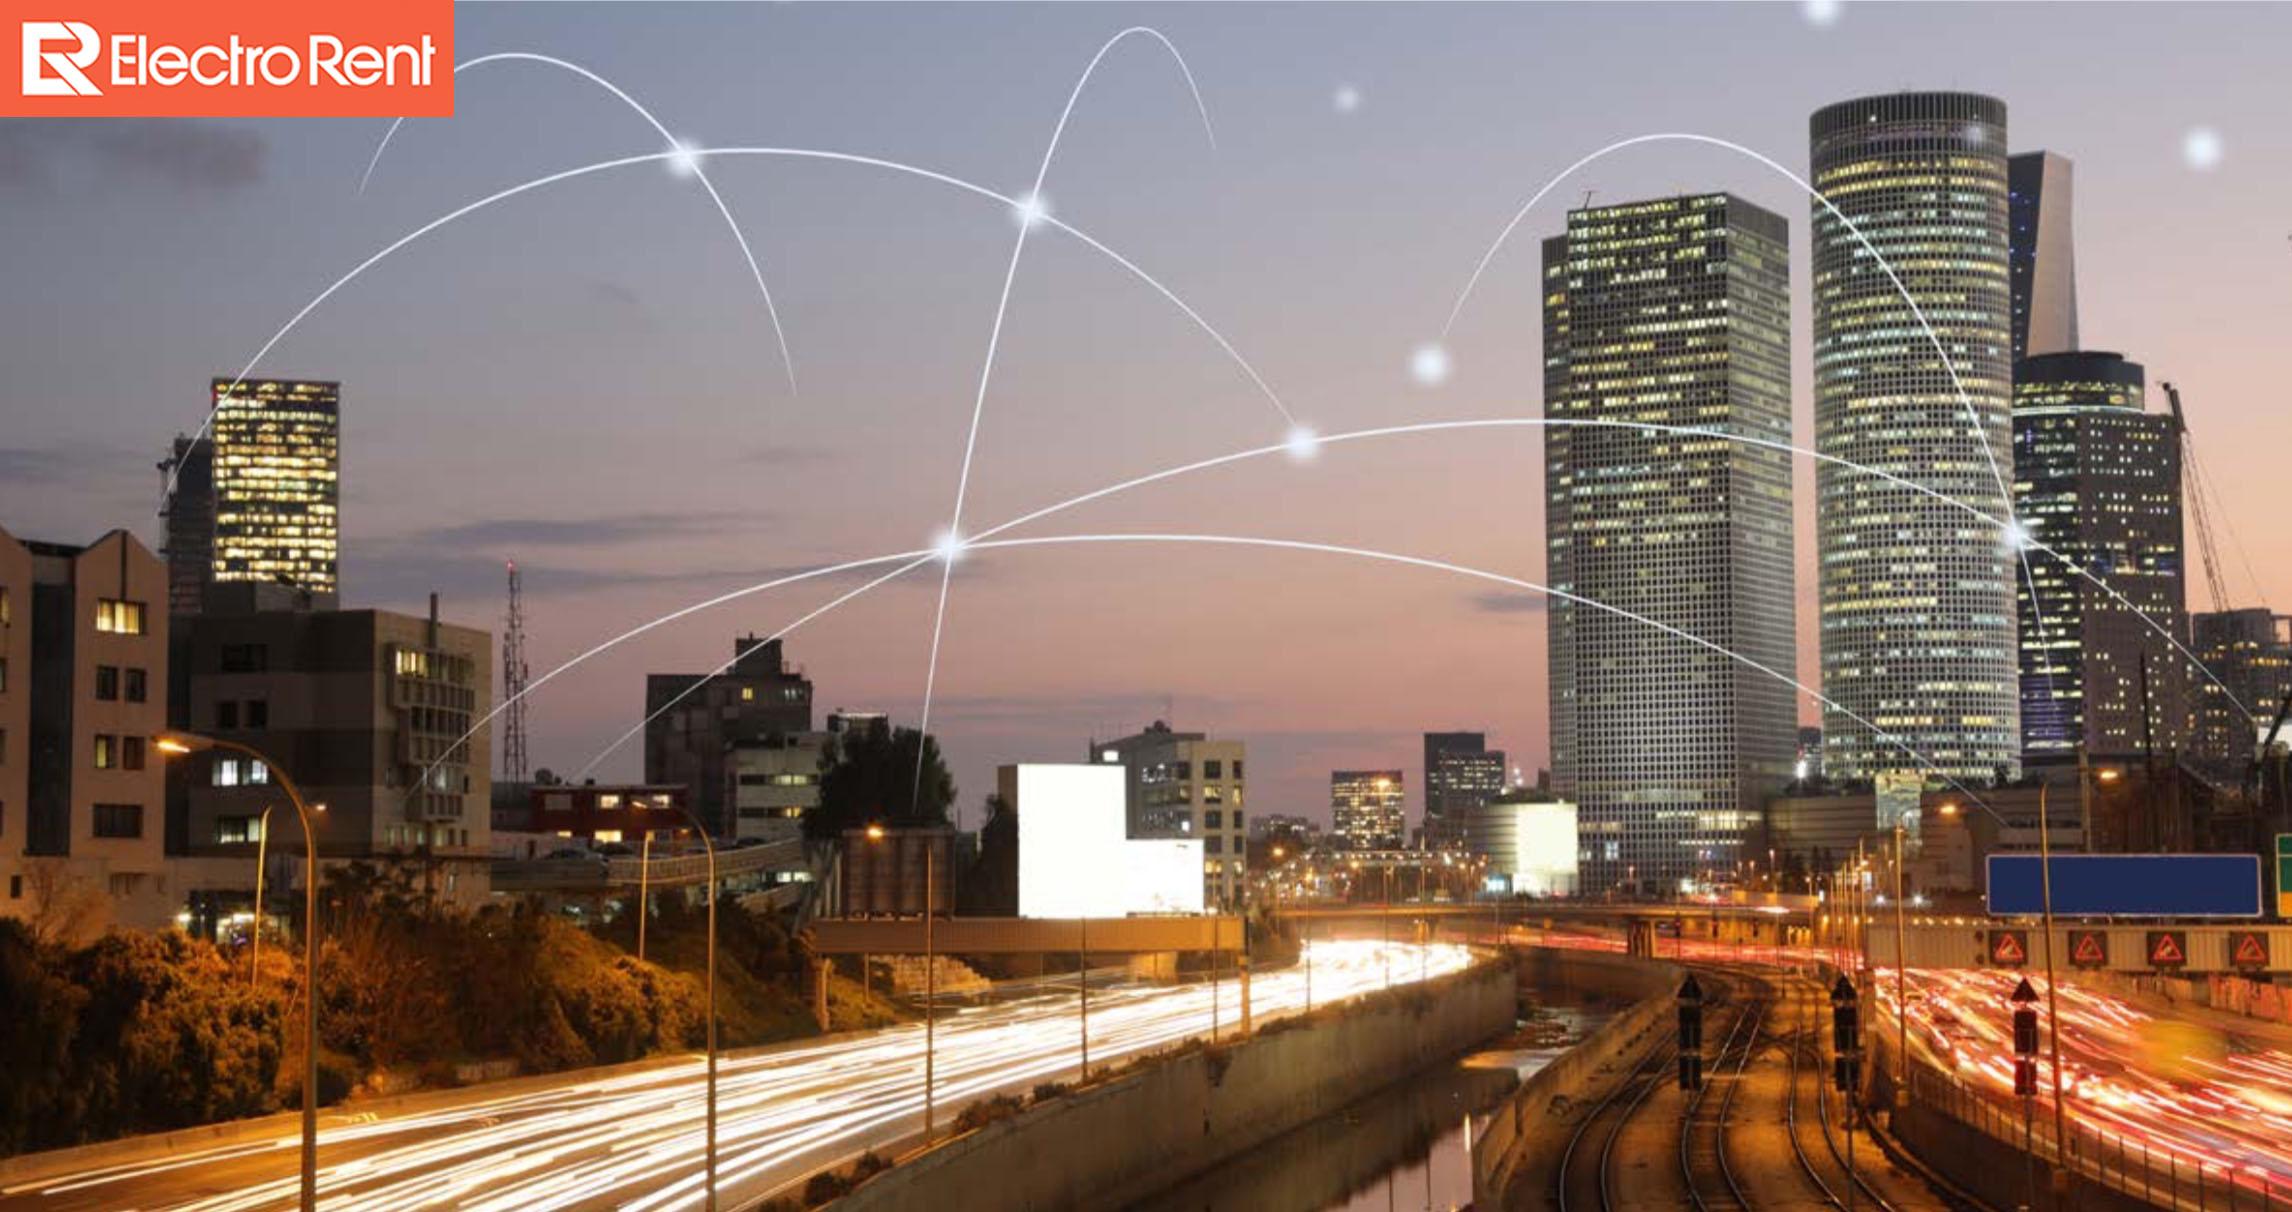 益萊儲5G測試解決方案